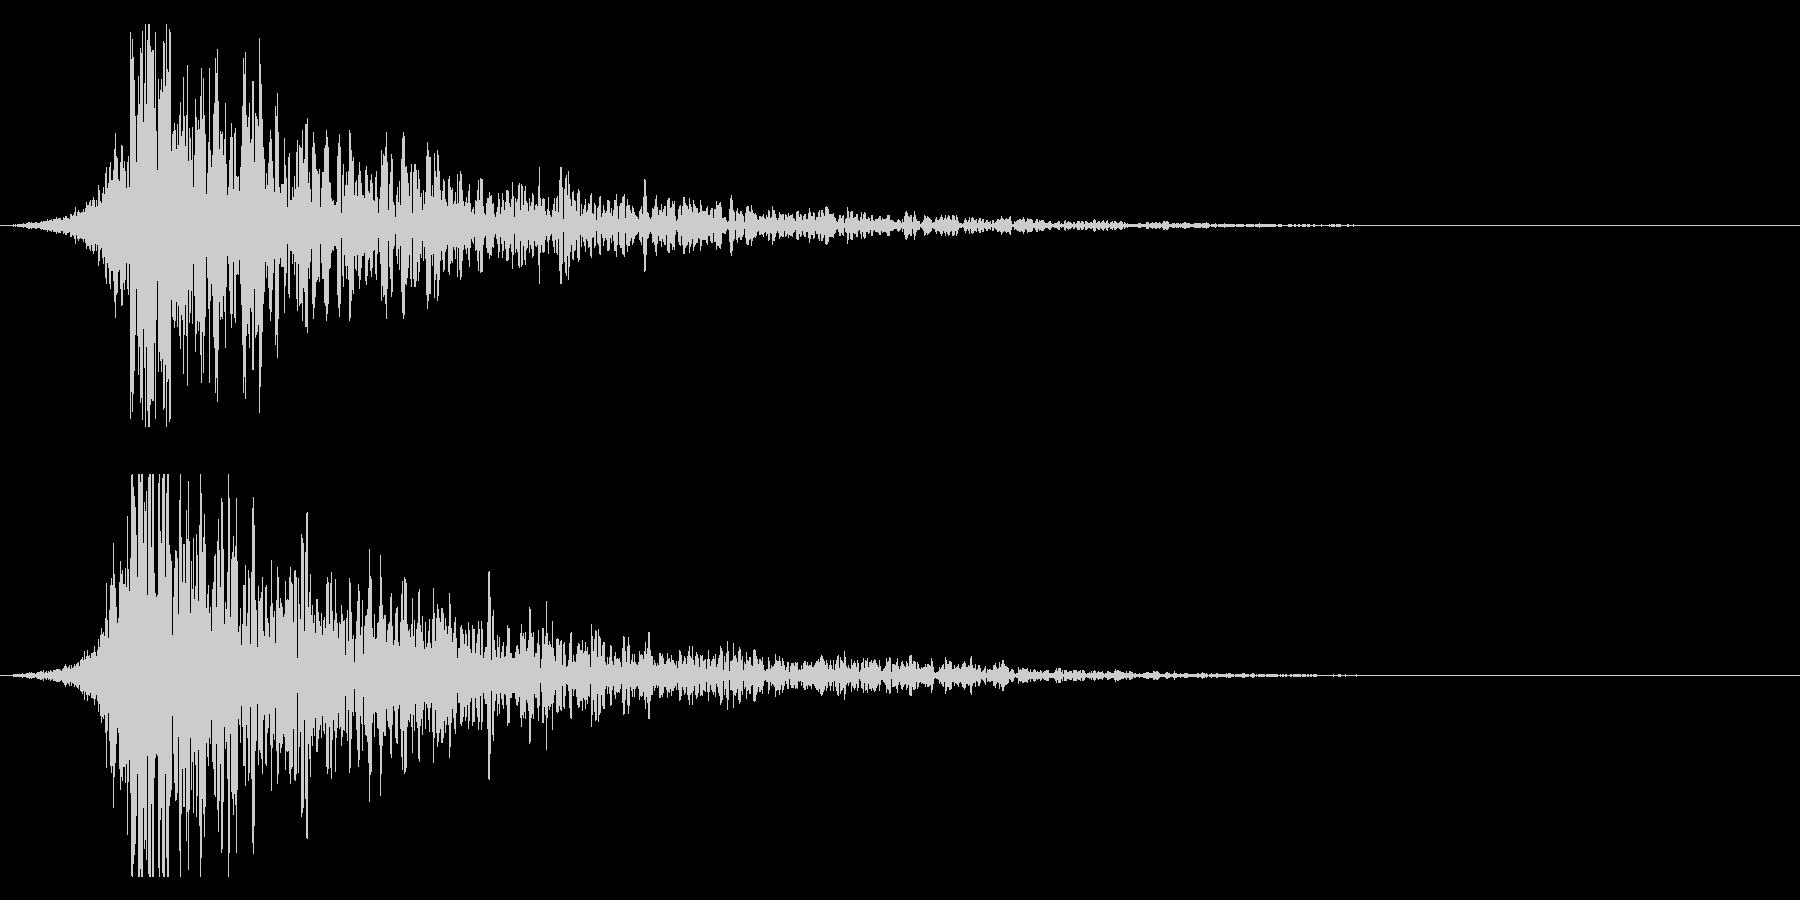 シュードーン-22-2(インパクト音)の未再生の波形